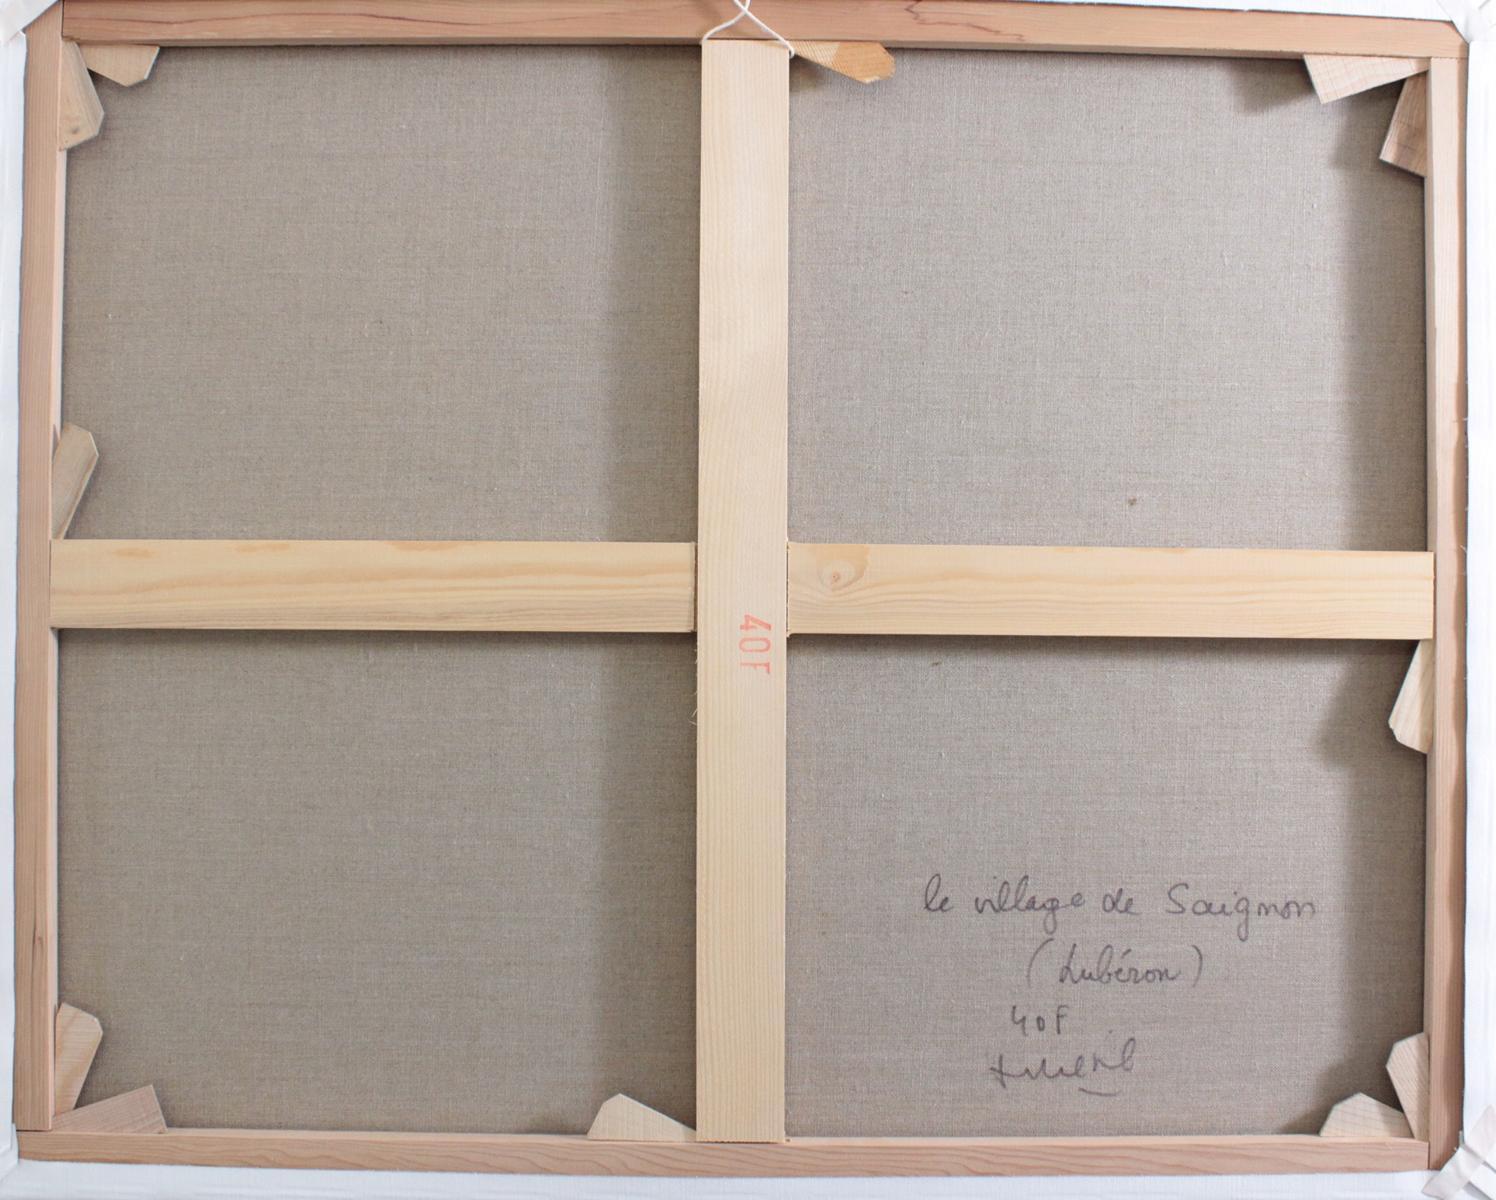 F. Riehel, zeitgenössischer Künstler. 'Le Village de Saignon', Luberon-3